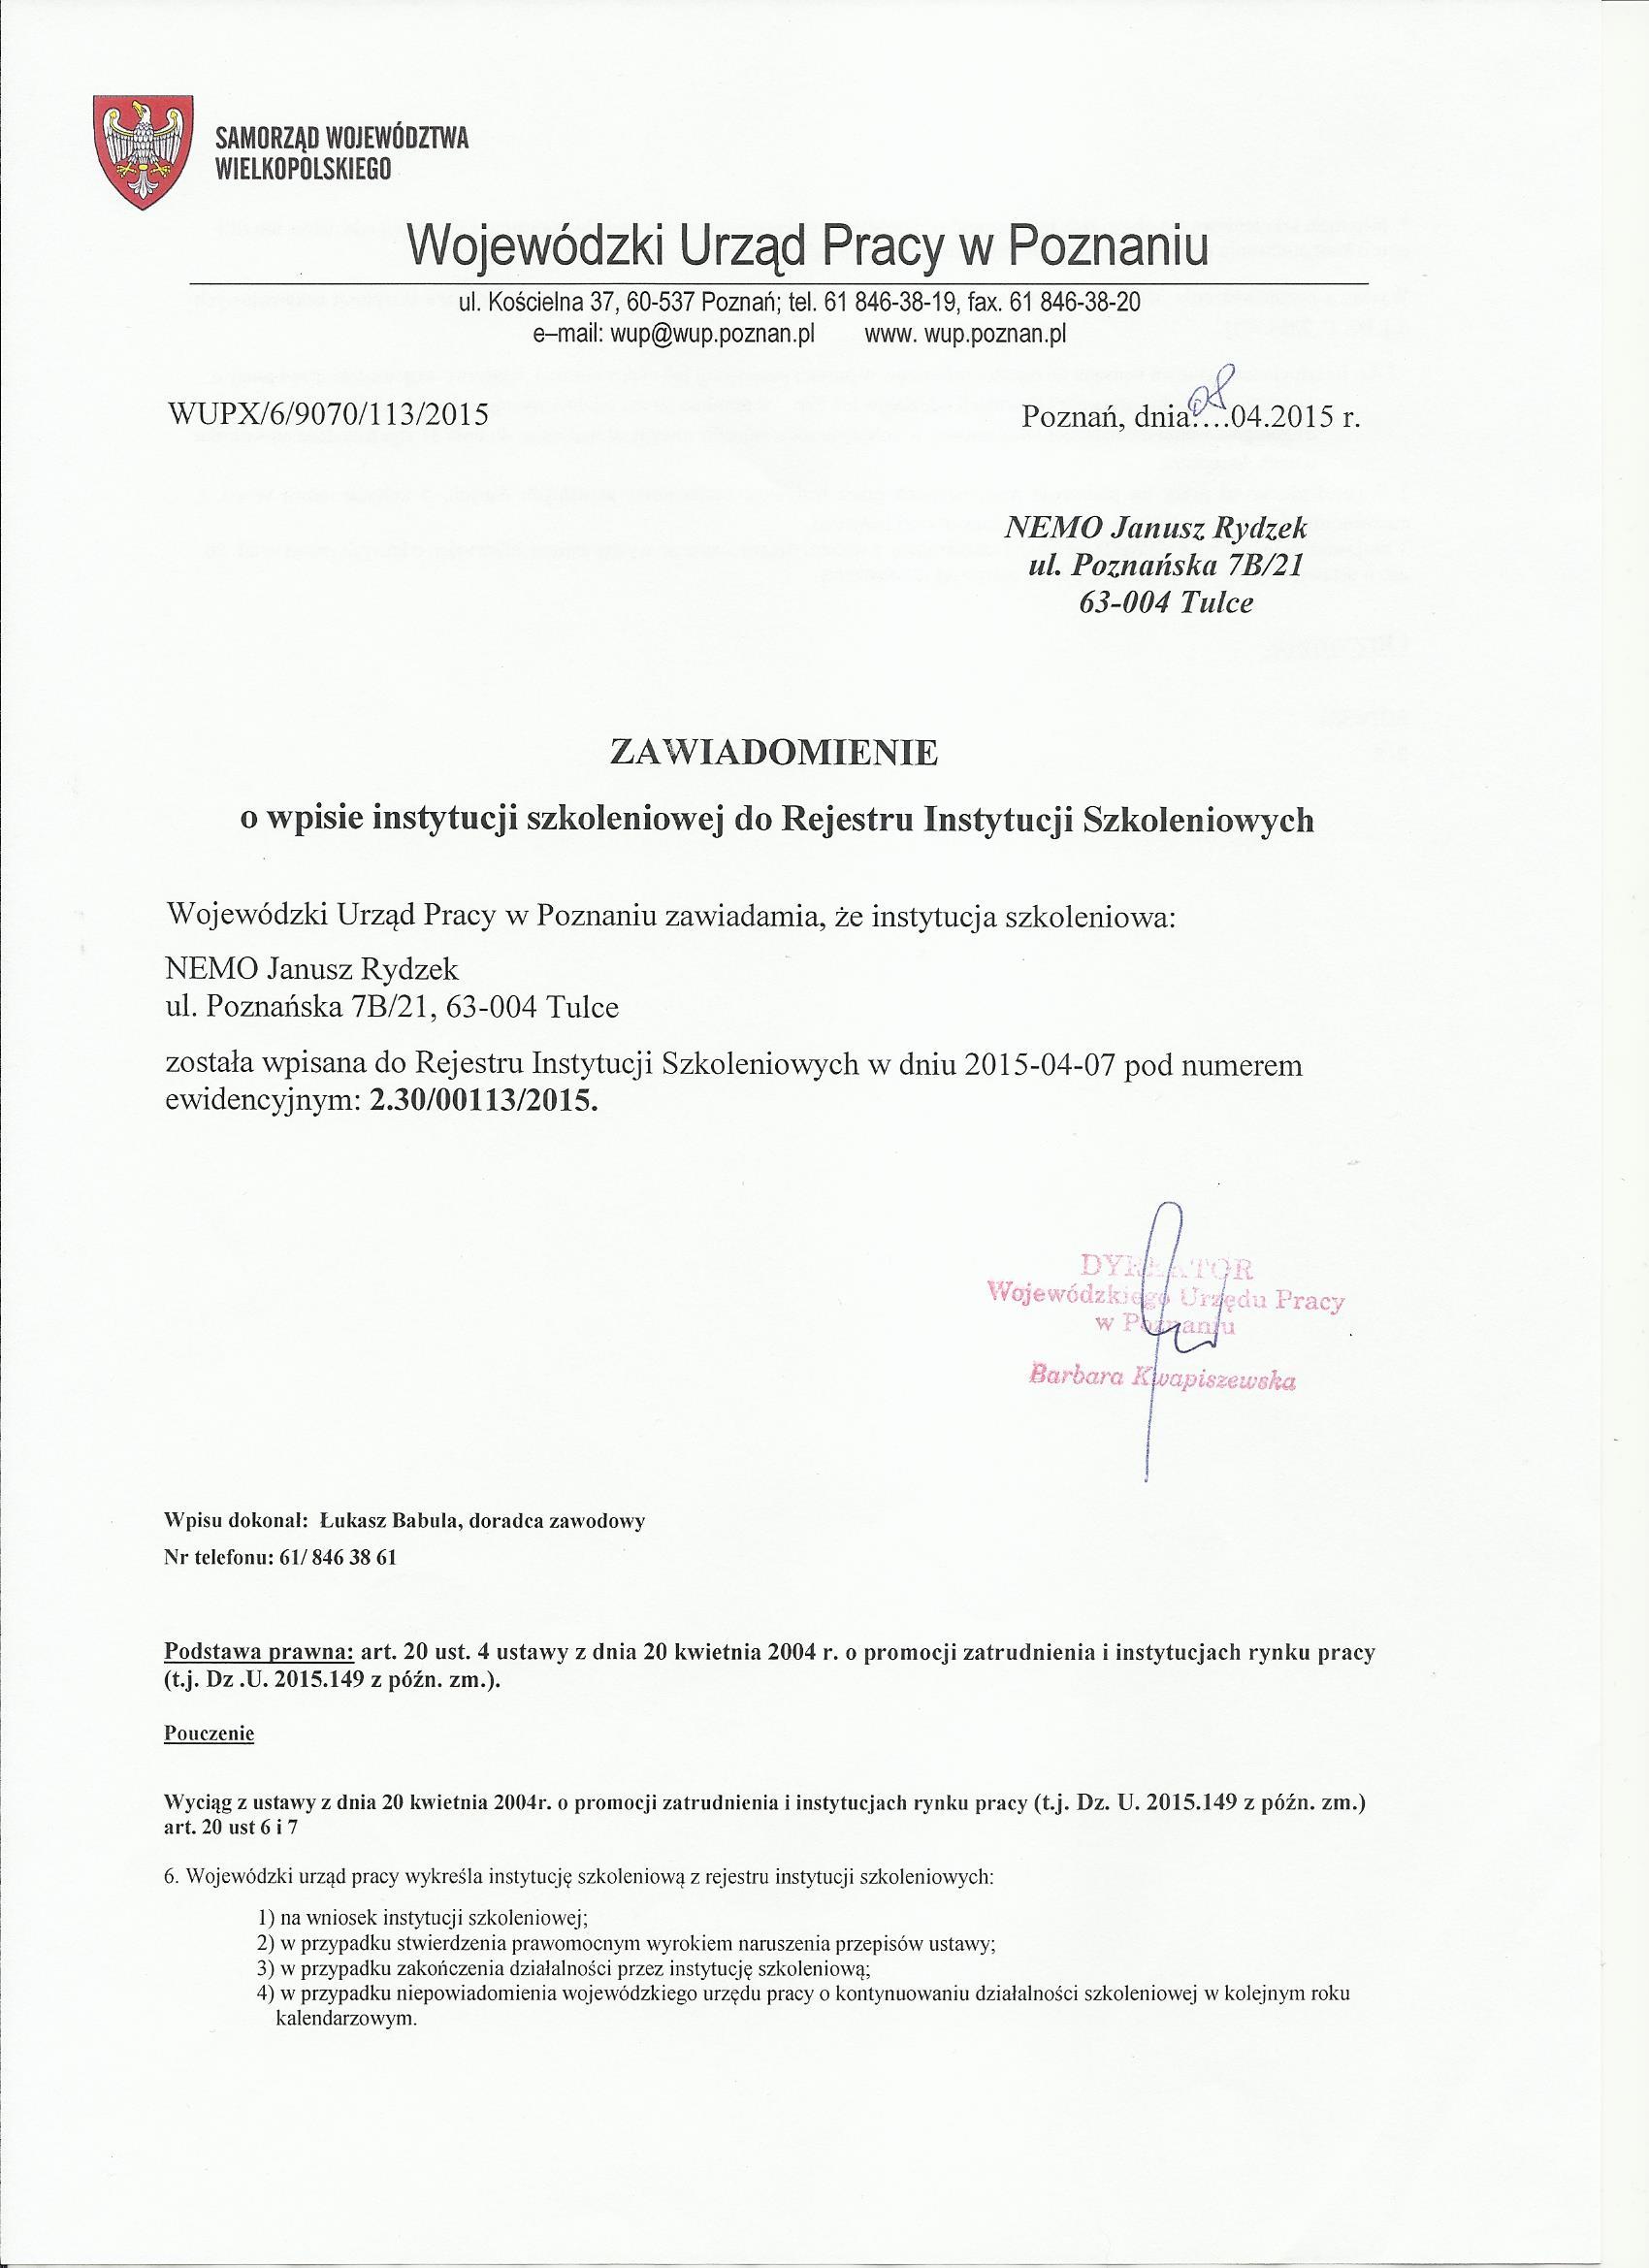 Wpis do ewidencji instytucji szkoleniowych 2015